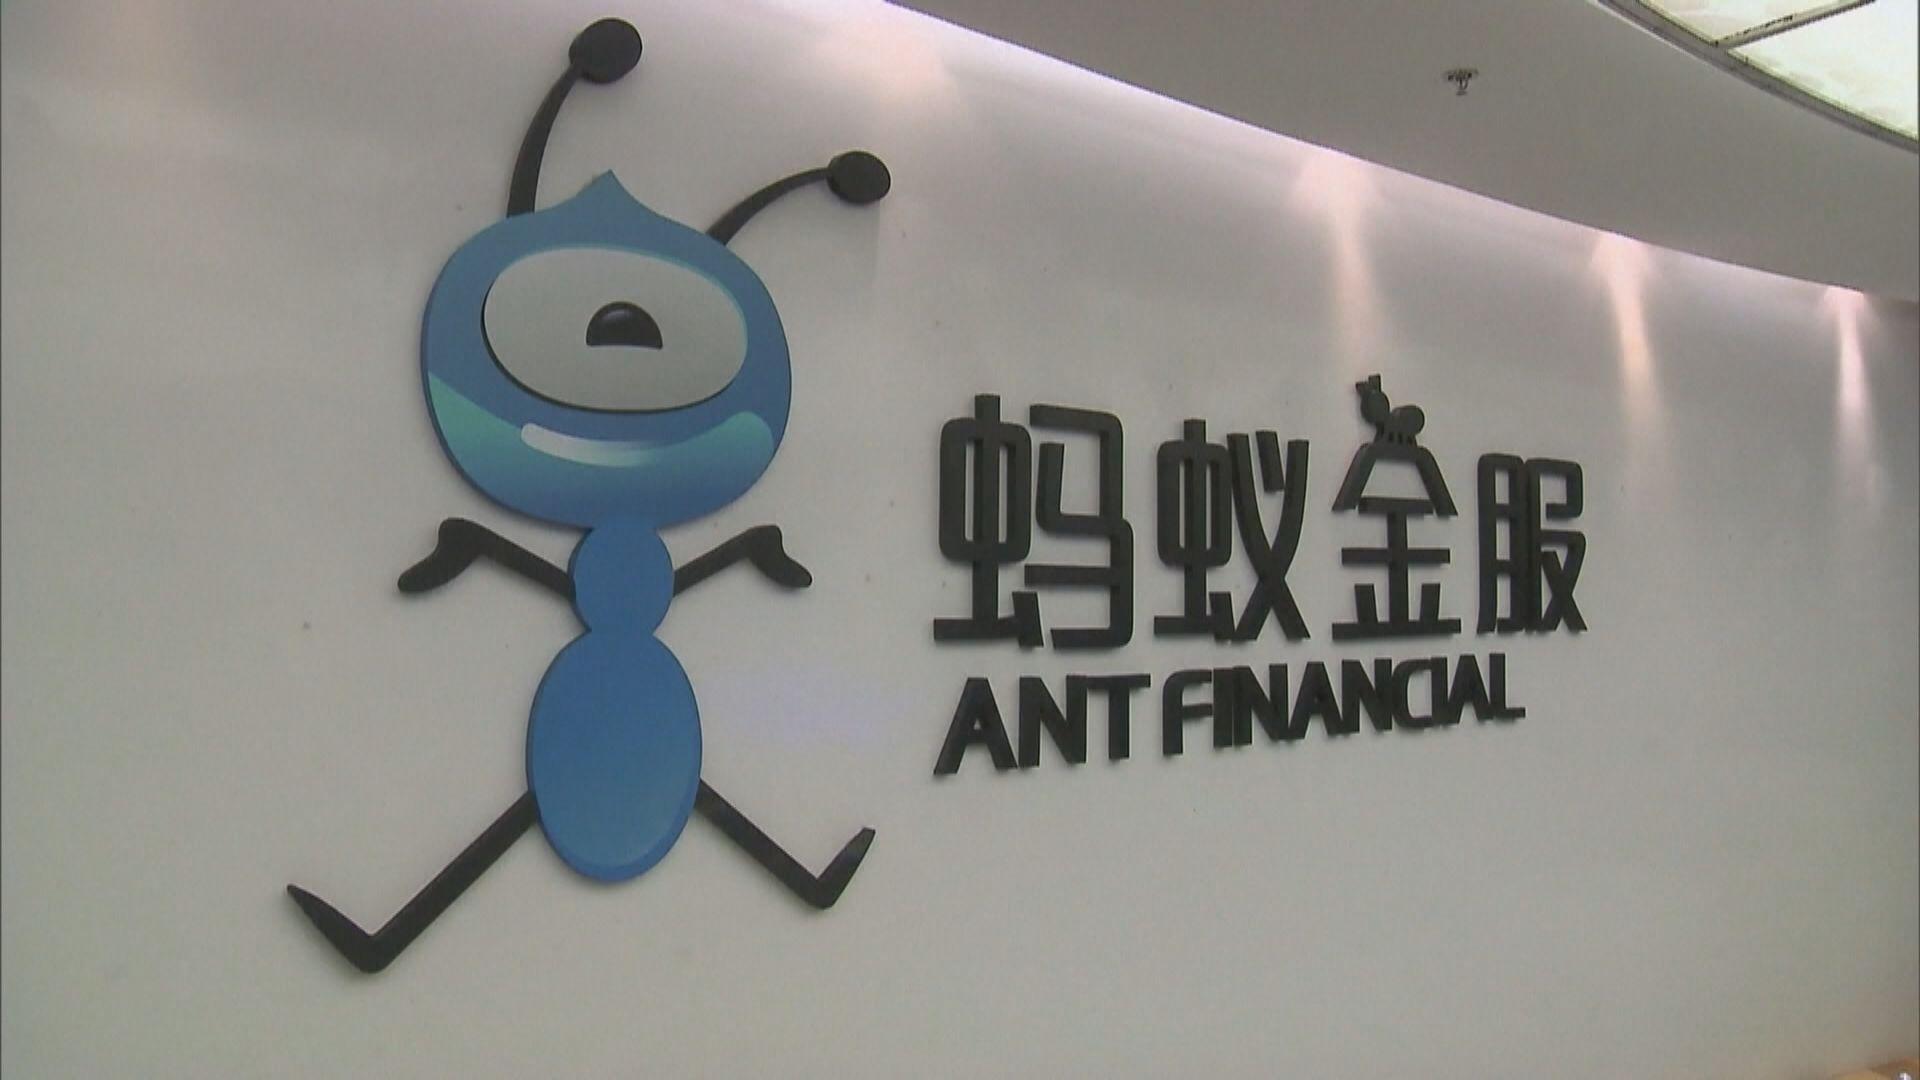 螞蟻集團已完成A股上市輔導